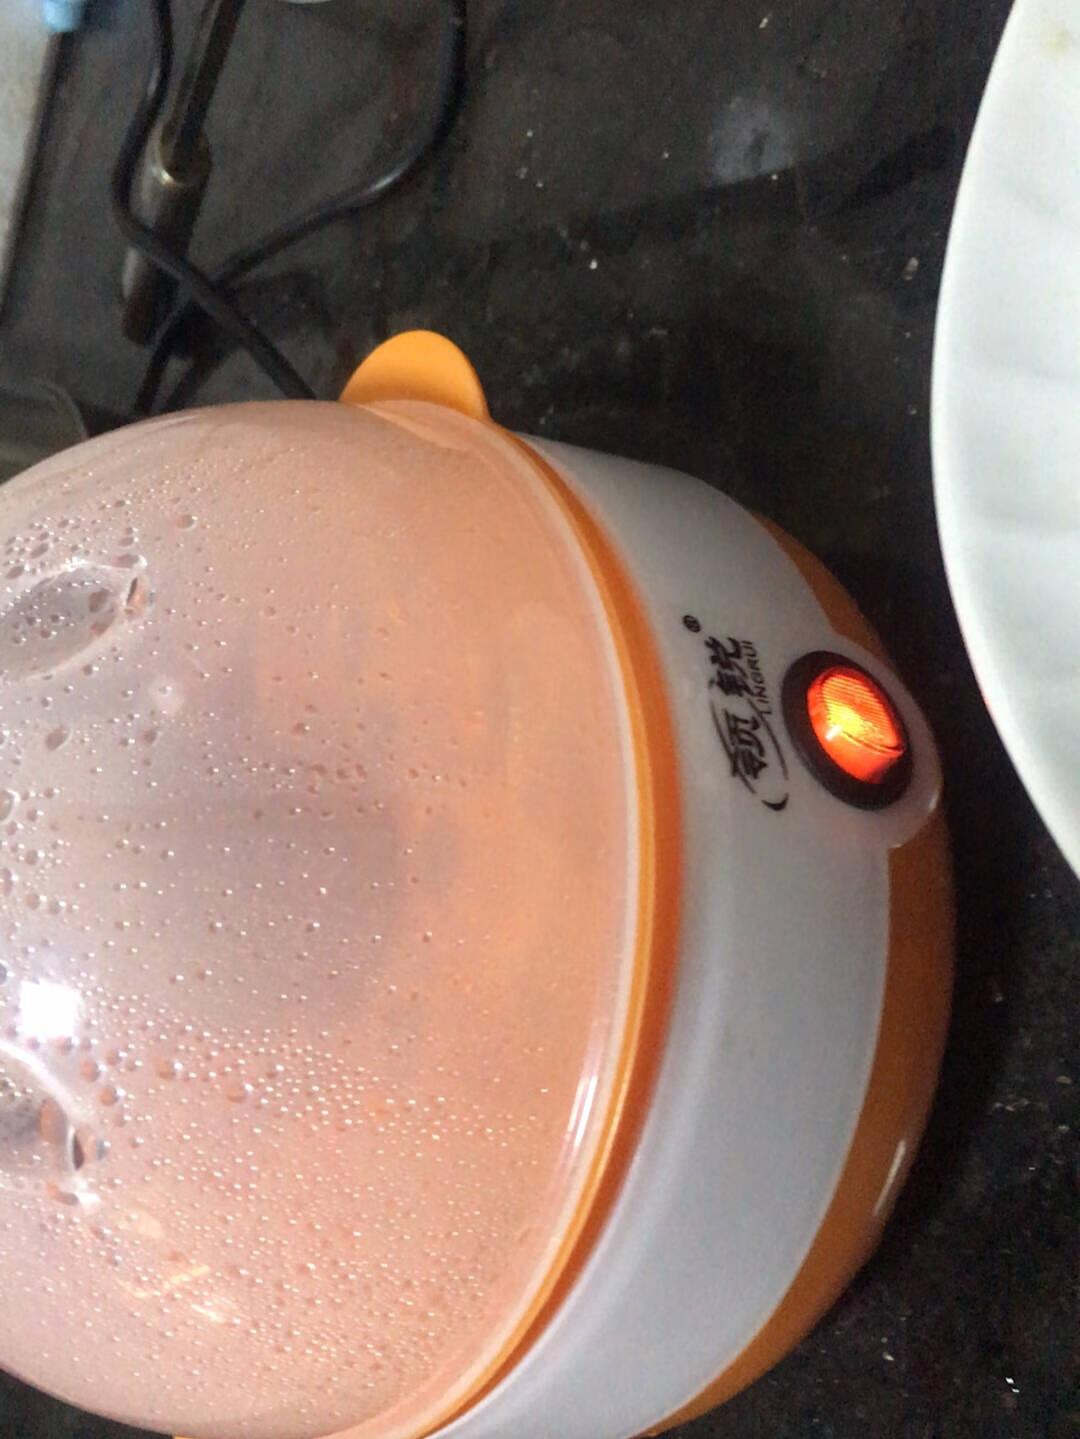 领锐煮蛋器蒸蛋器自动断电迷你家用蒸蛋羹煮鸡蛋器早餐煮蛋机小型神器橙色-单层